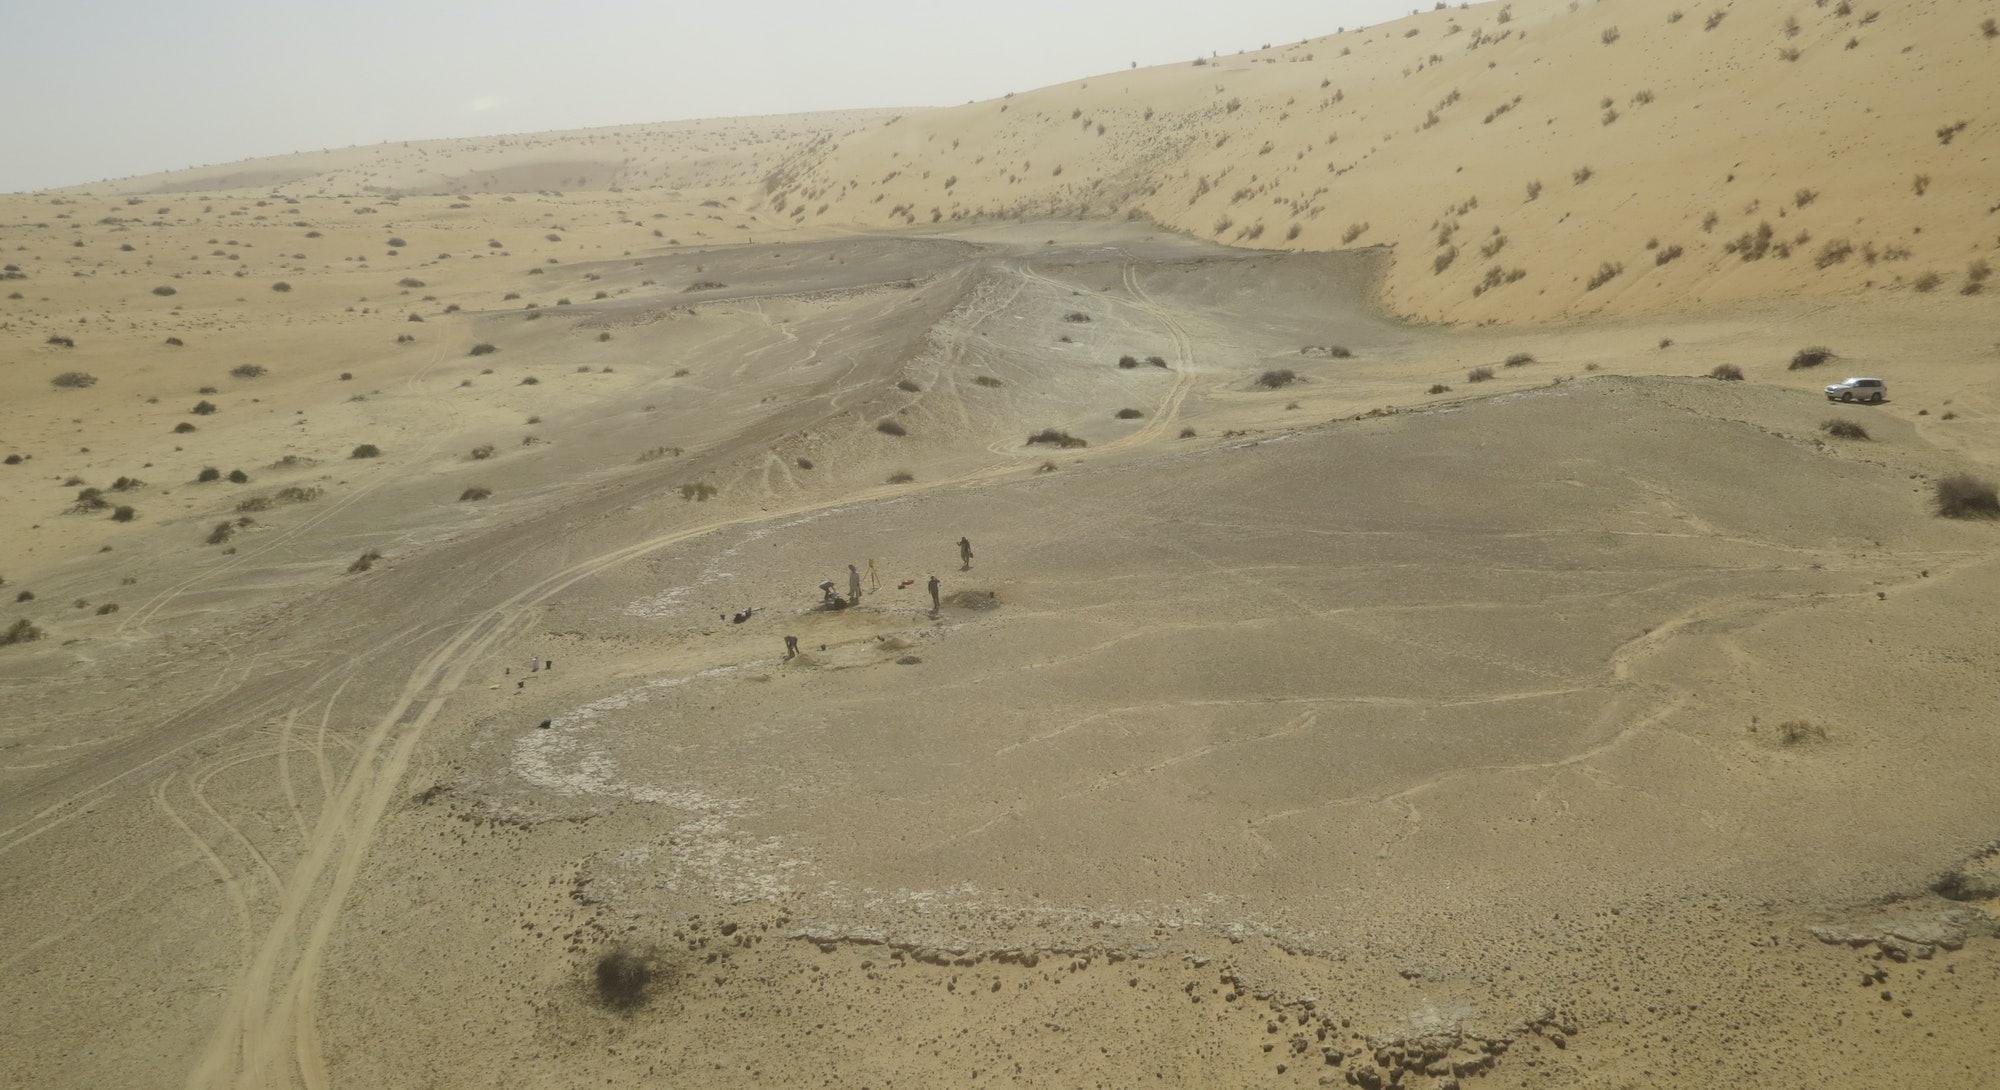 The KAM 4 site in the Nefud Desert in Saudi Arabia